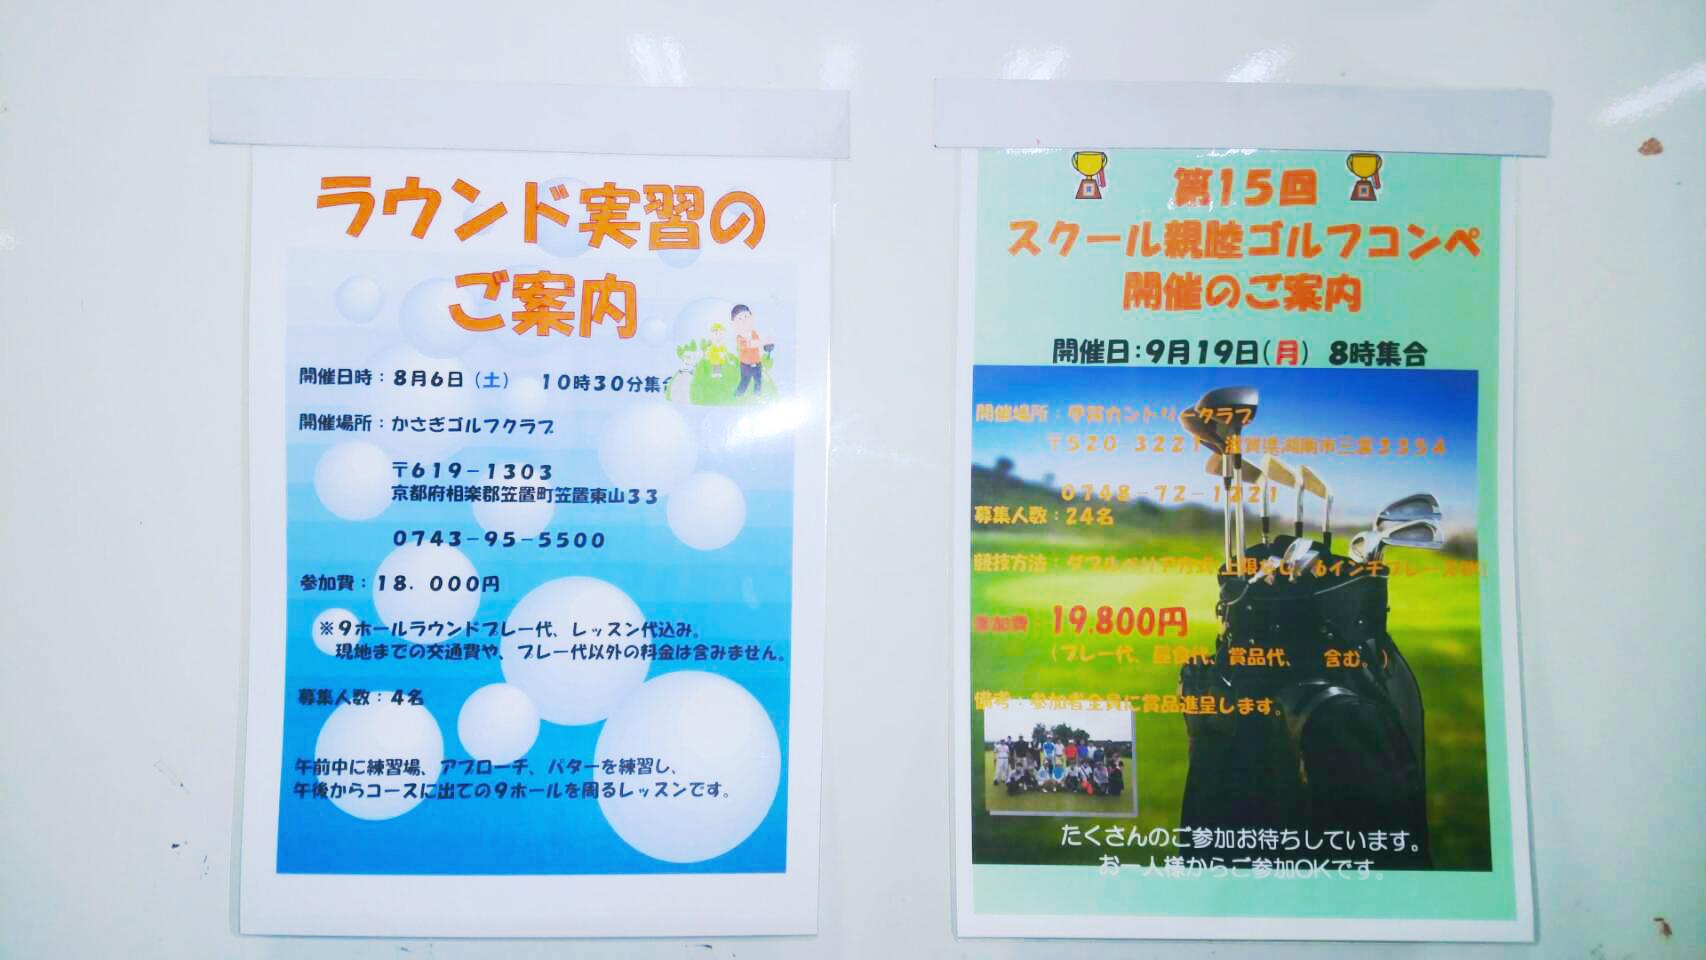 UGMゴルフスクール新大阪店イベント情報【UGMゴルフスクール新大阪店】